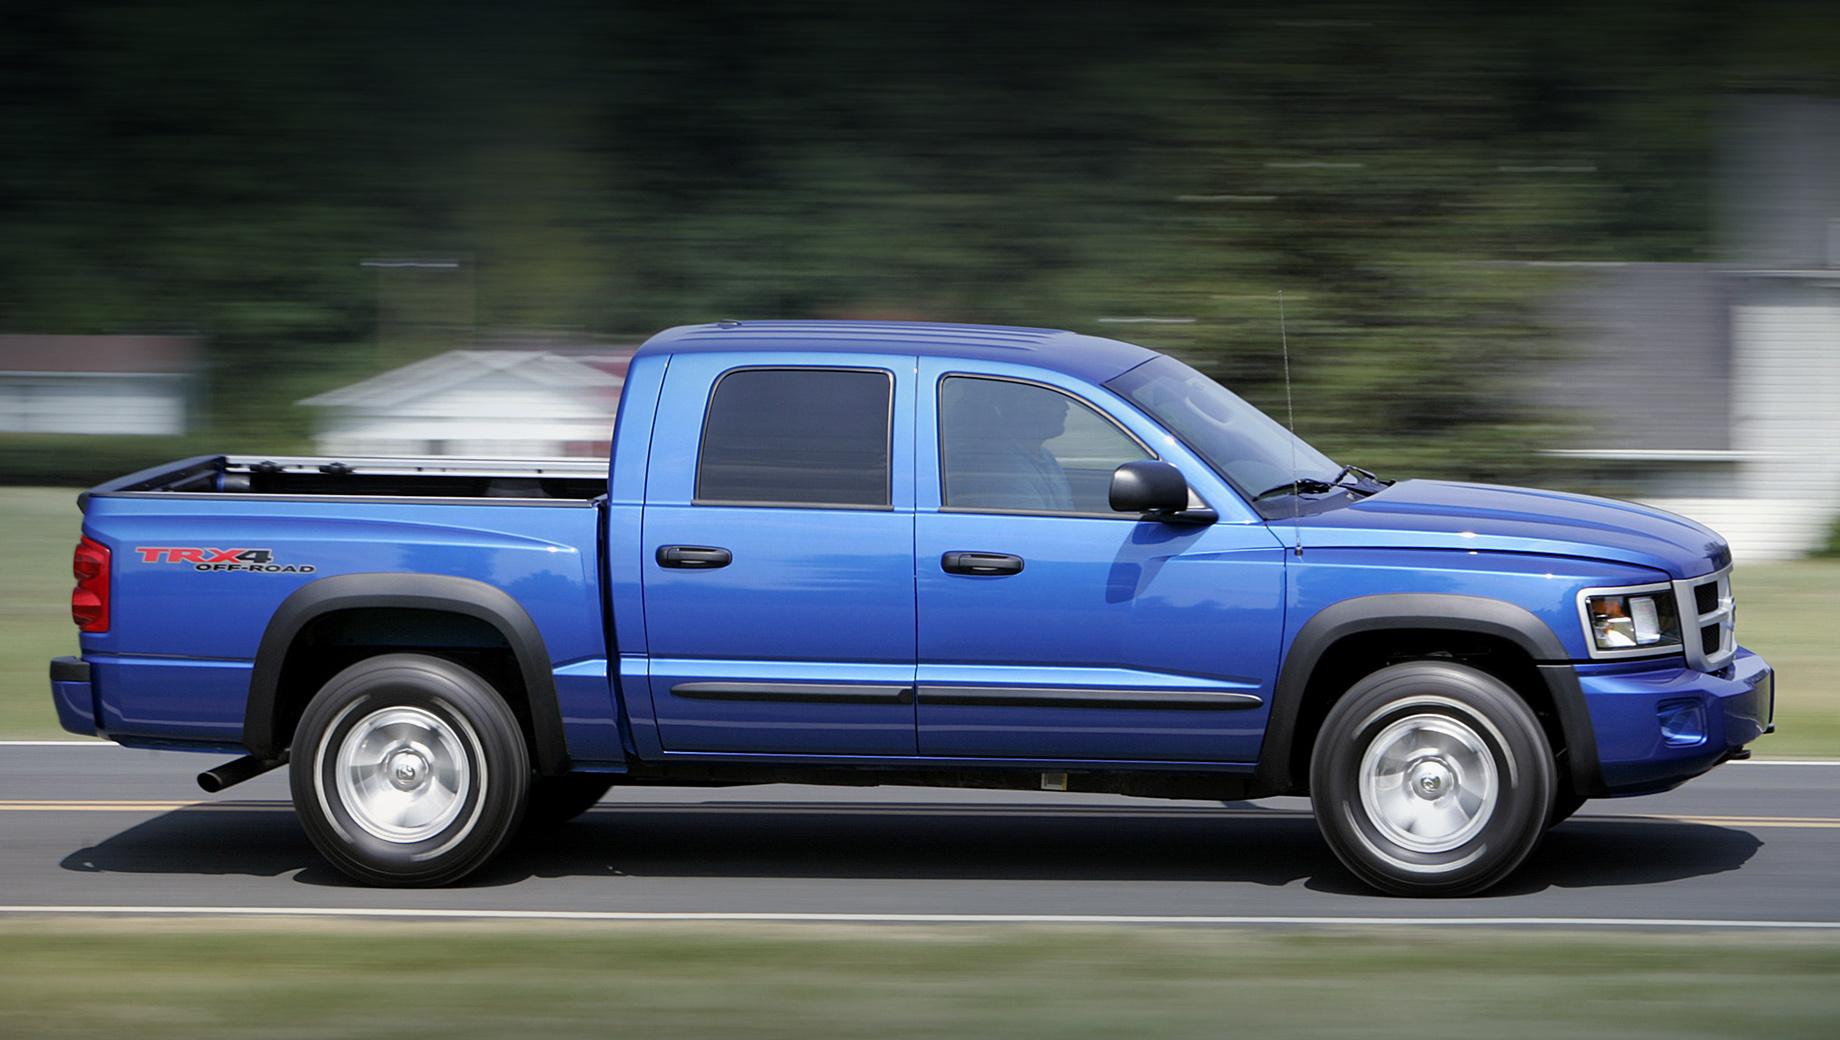 Dodge dakota. Пикап Dodge Dakota выпускался на предприятии в Мичигане с 1986 по 2011 год, и в каждом из трёх поколений на модели ставились моторы V8. Крах той Дакоты хорошо виден по спросу в Штатах. Если в 2000 году было реализовано 177 395 машин, то в 2011-м — 12 156.